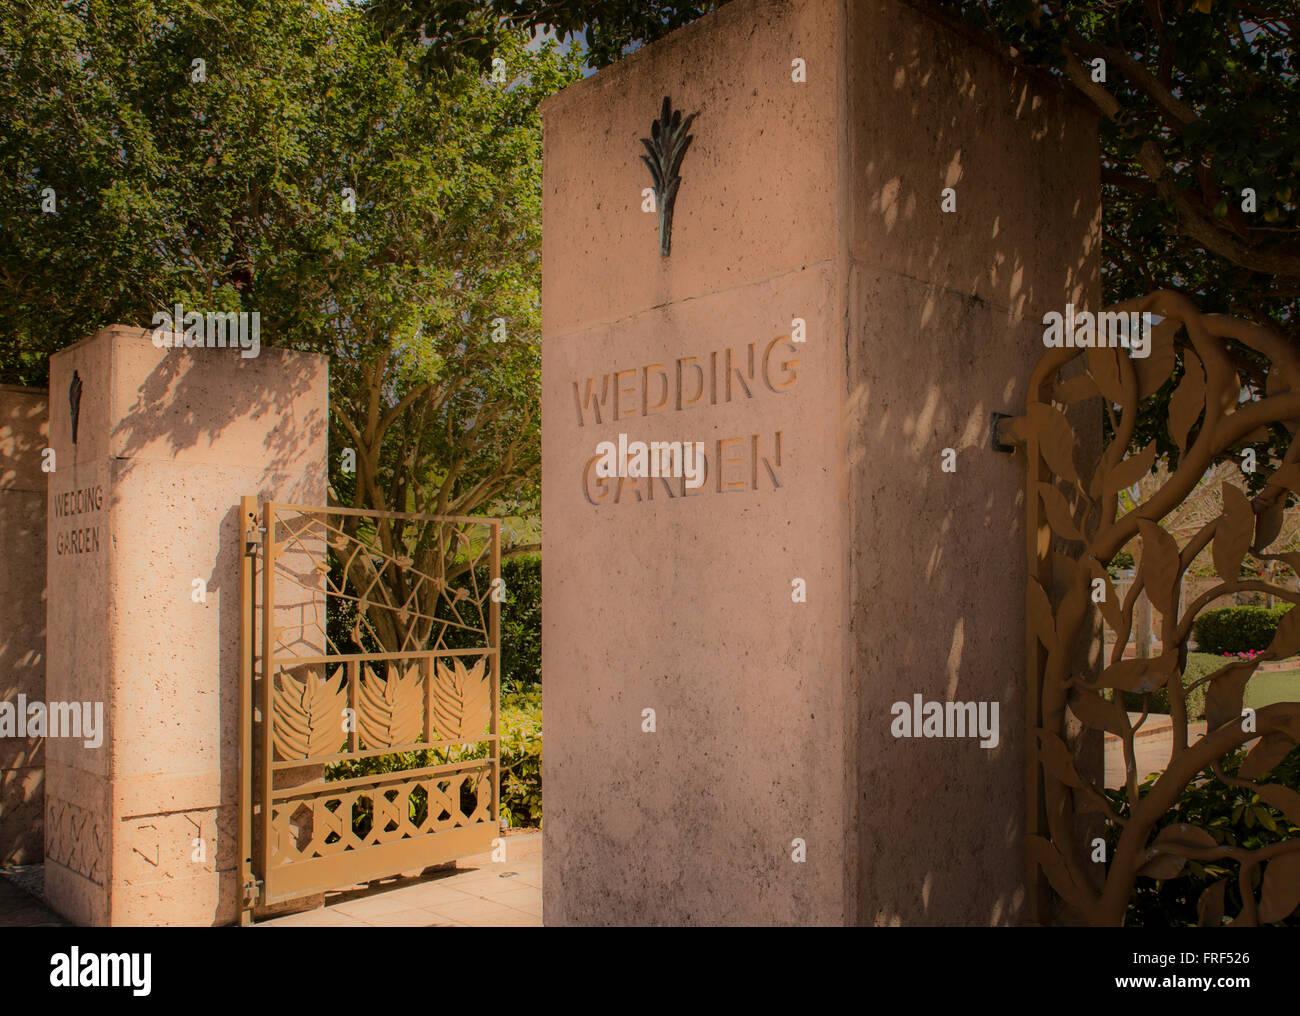 Florida Wedding Stock Photos & Florida Wedding Stock Images - Alamy